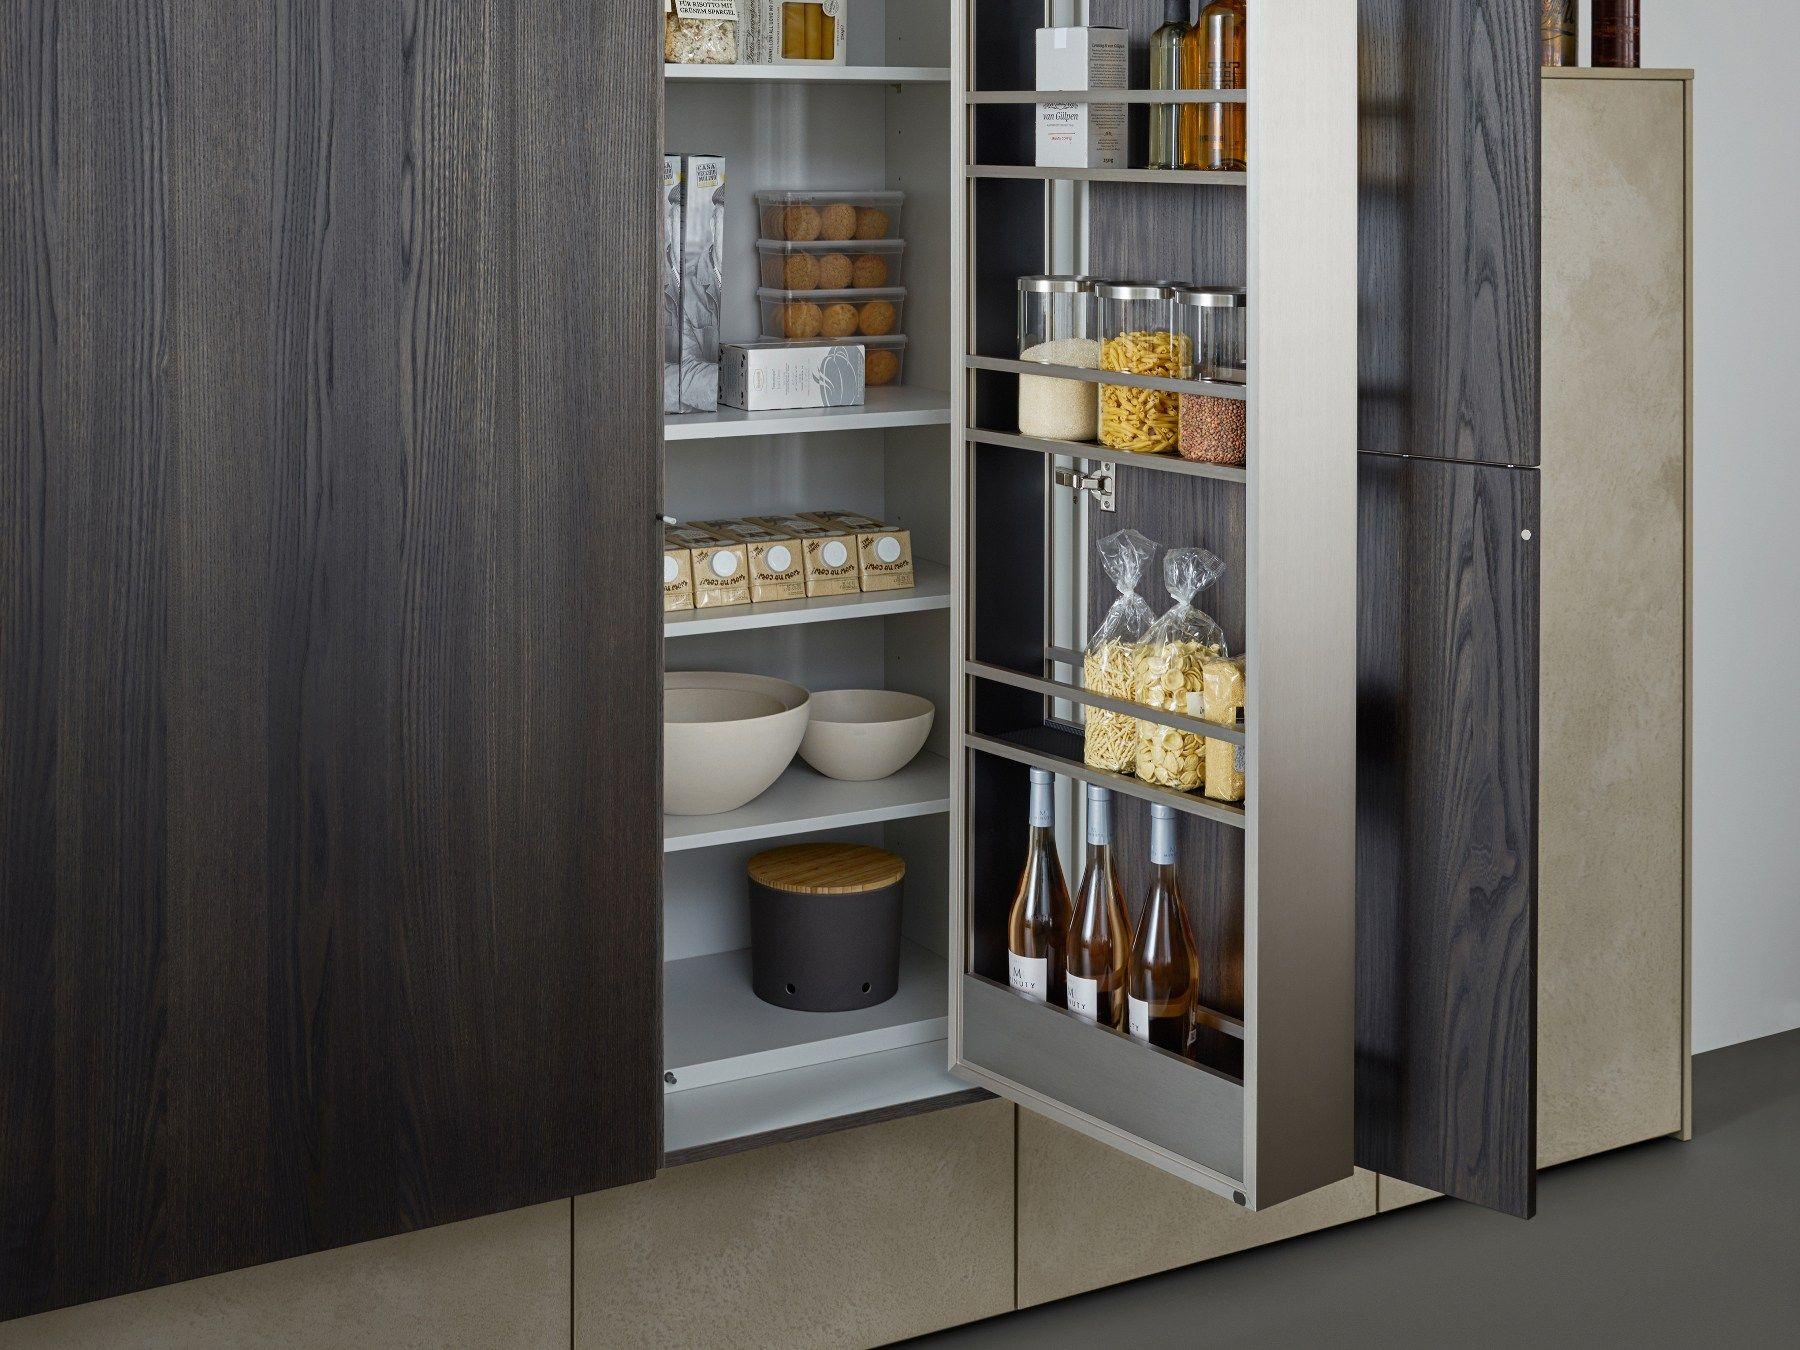 küche mit kücheninsel topos | stone by leicht - Leicht Küchen Katalog